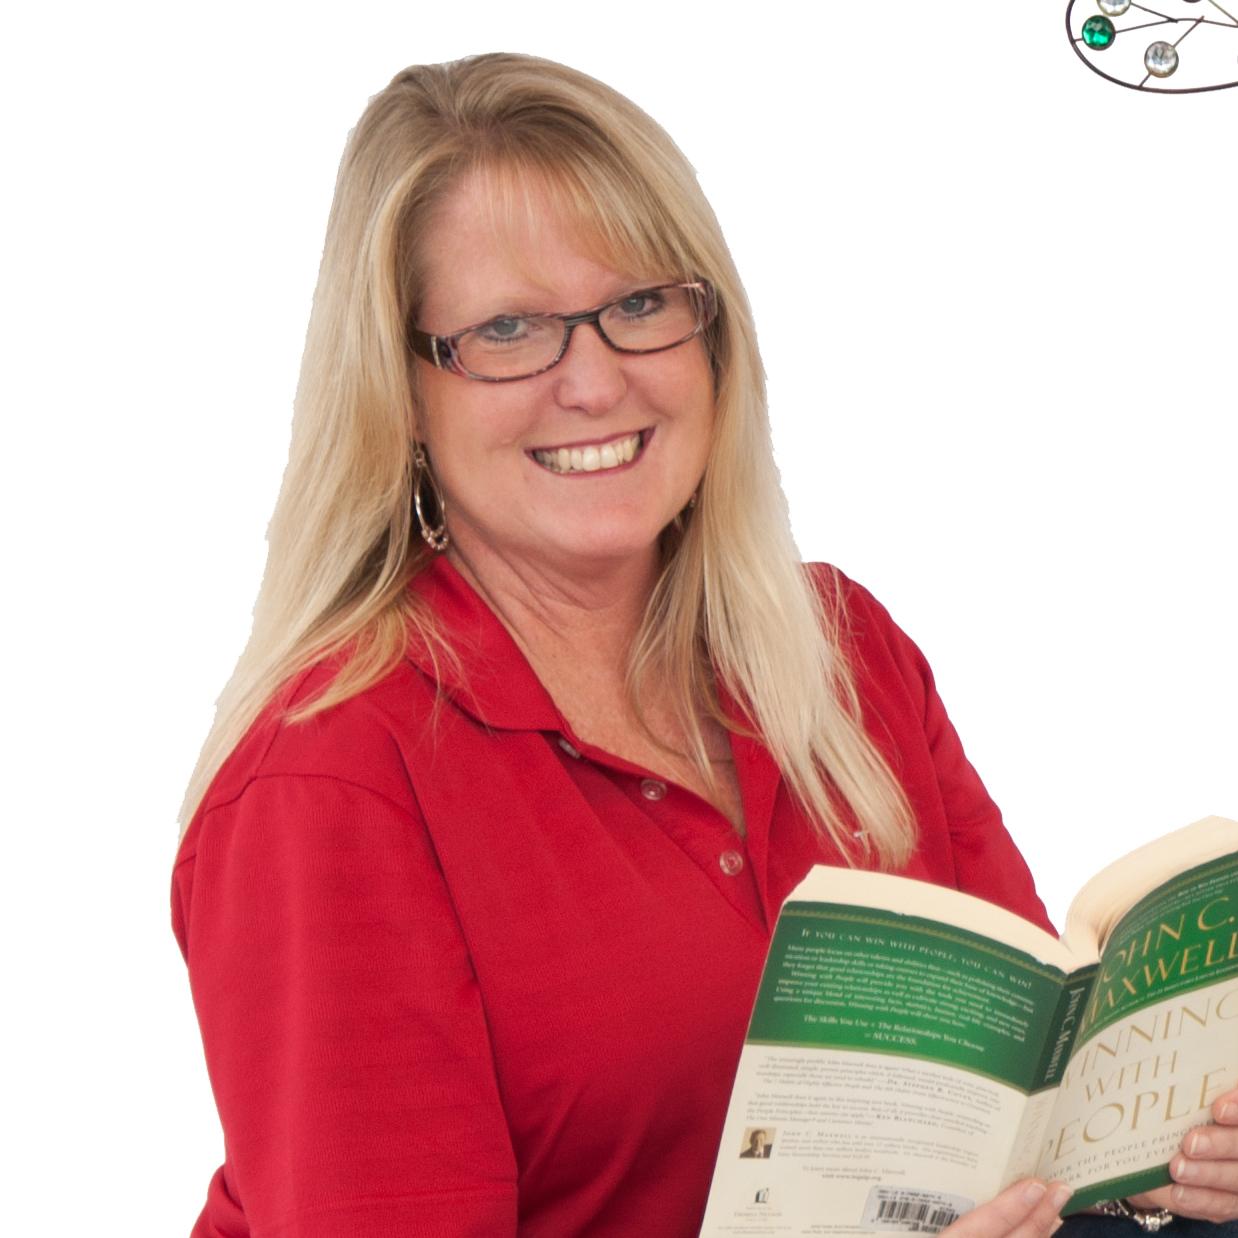 Tabatha Lambert - Asst. Service Manager